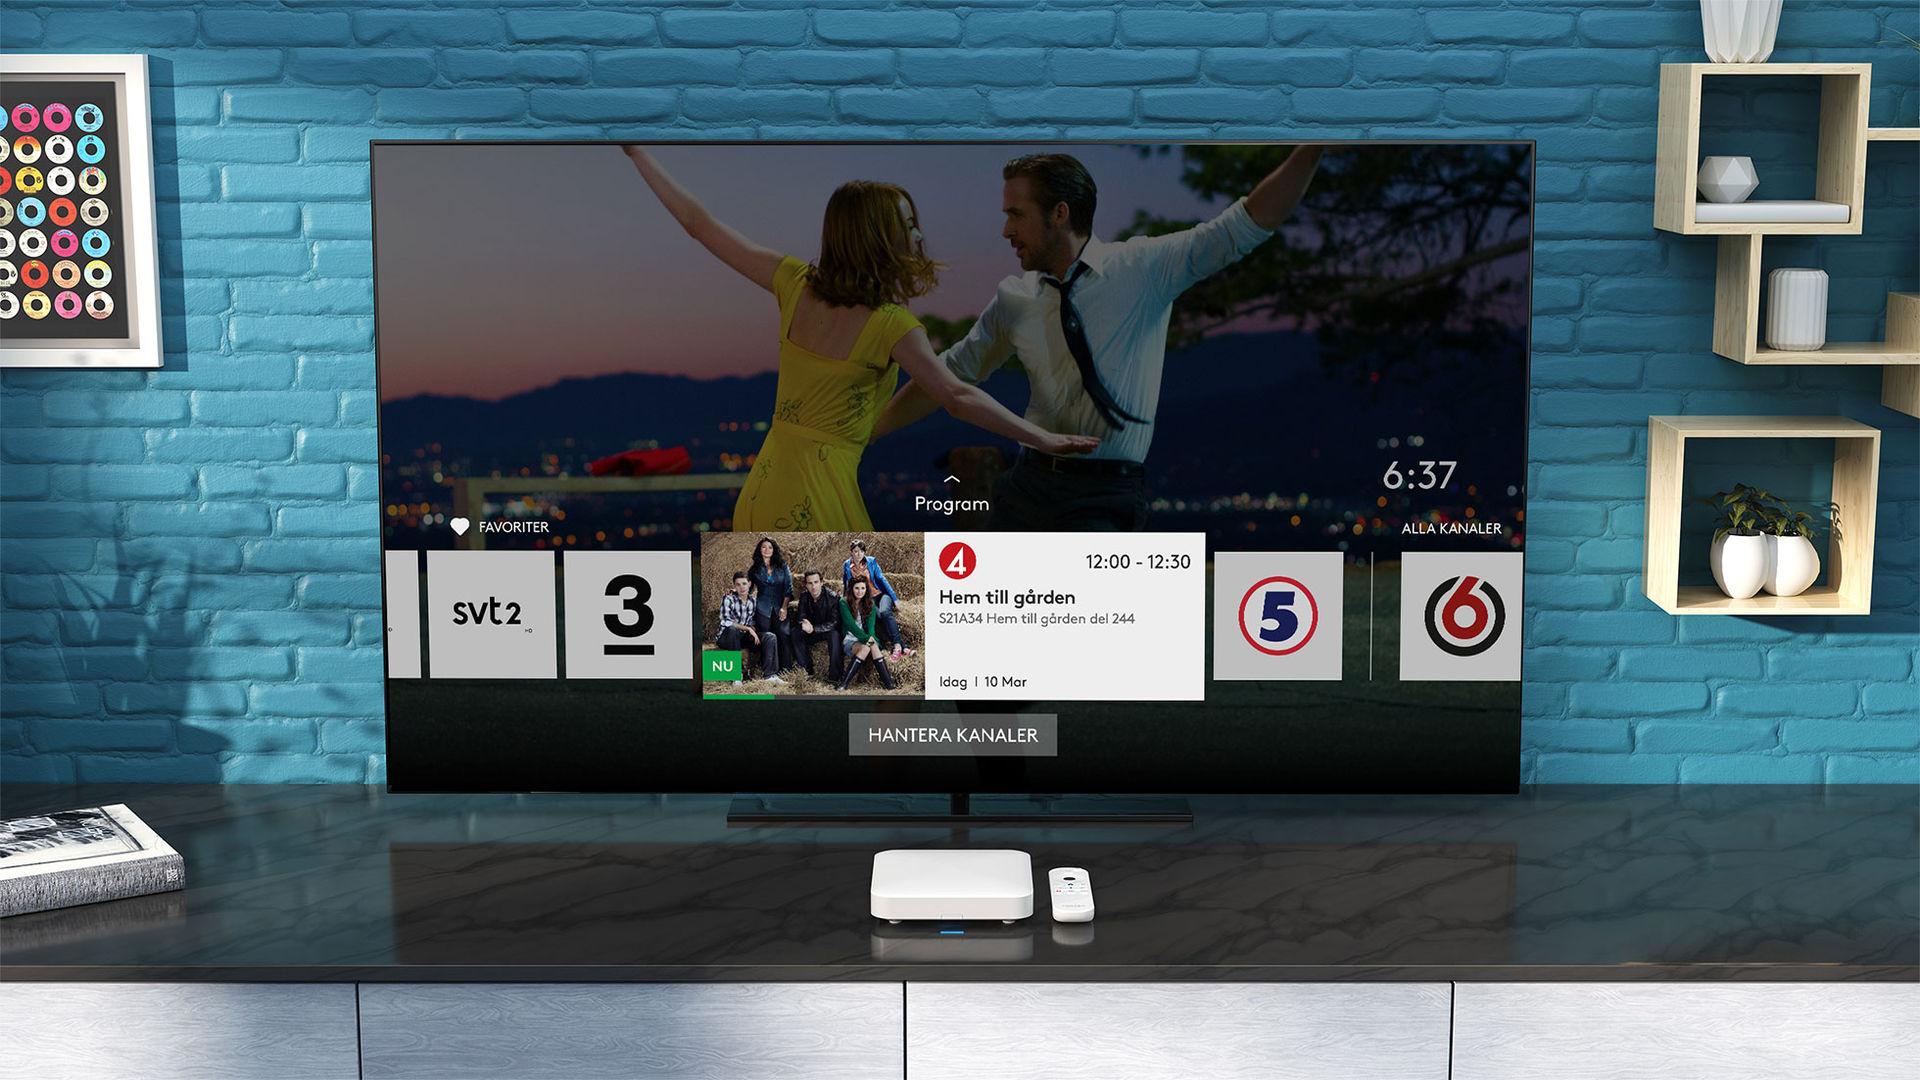 Blue lanserar trådlösa hörlurar i Sverige. Satellite ska passa kräsna  audiofiler. Nu kommer Android TV till Boxer och Com hem fd3e9cdbaaff8